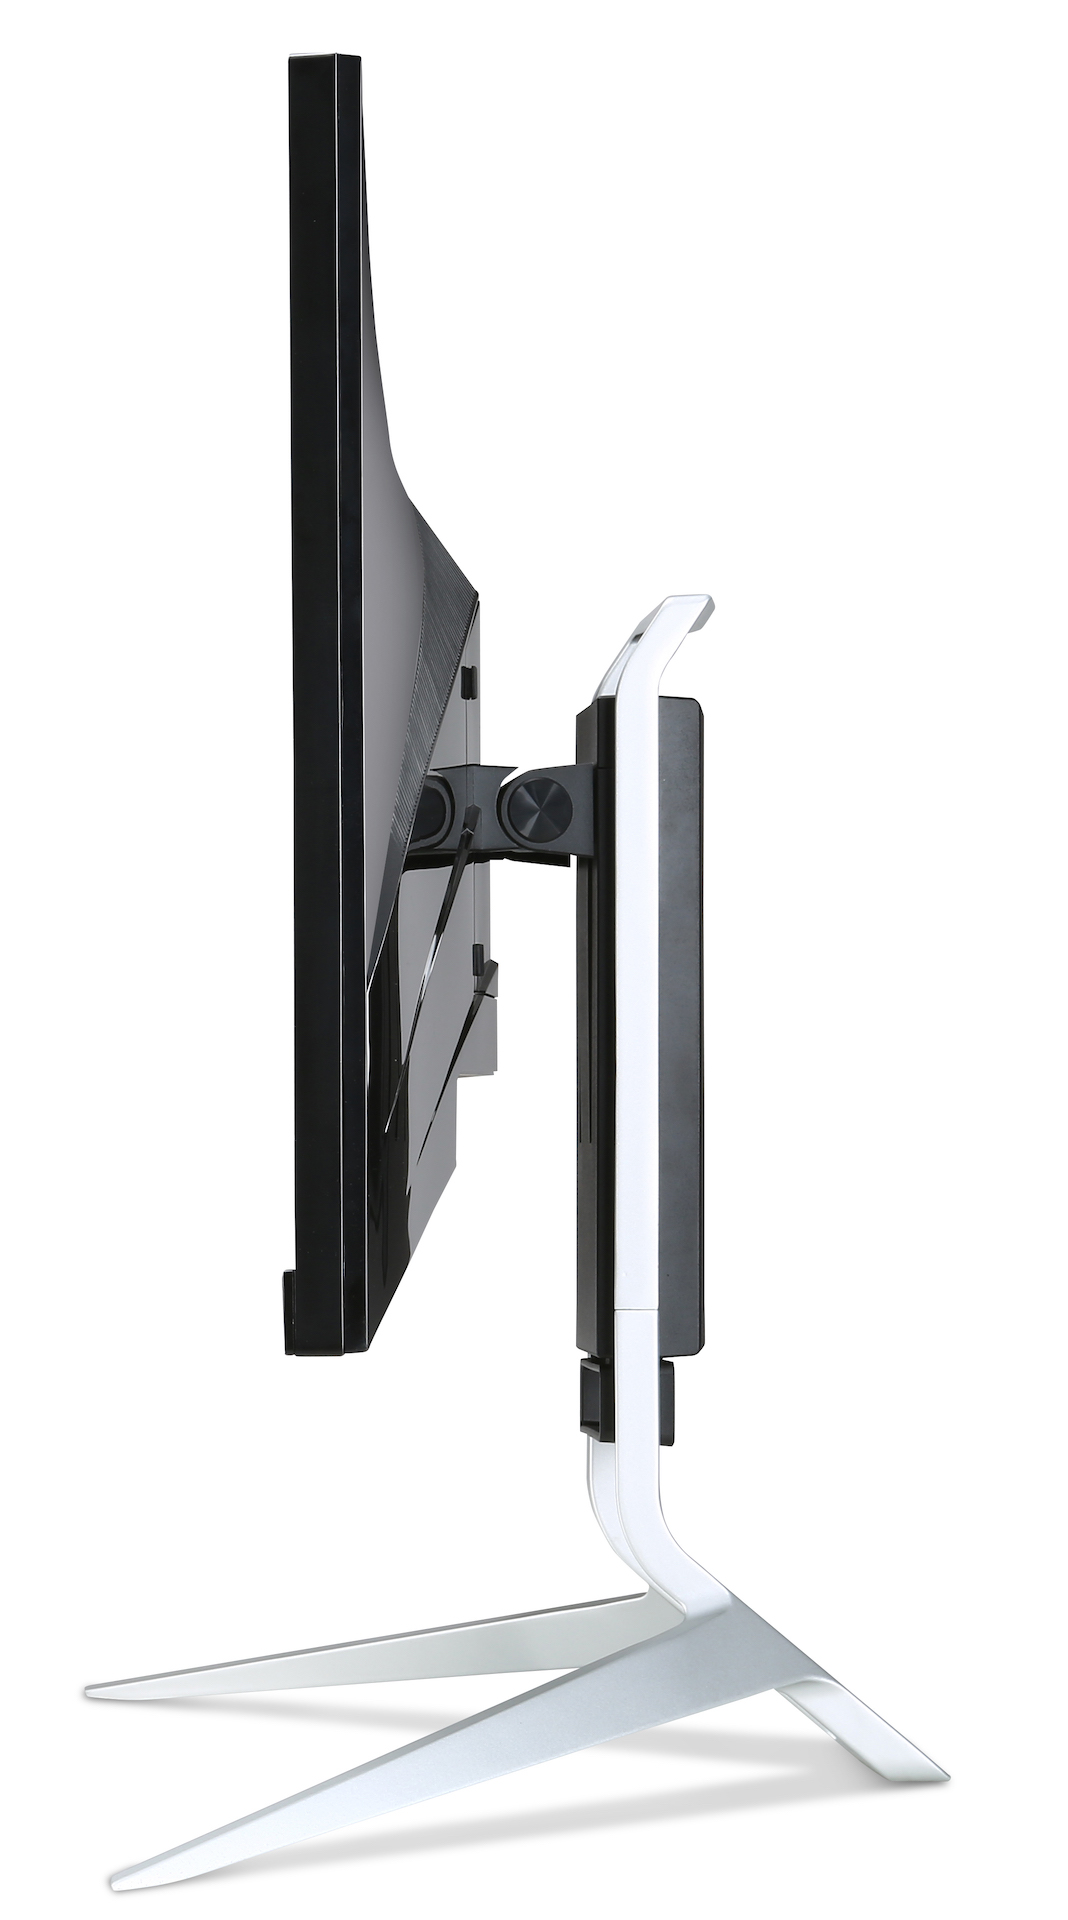 Acer XR341CK - 2